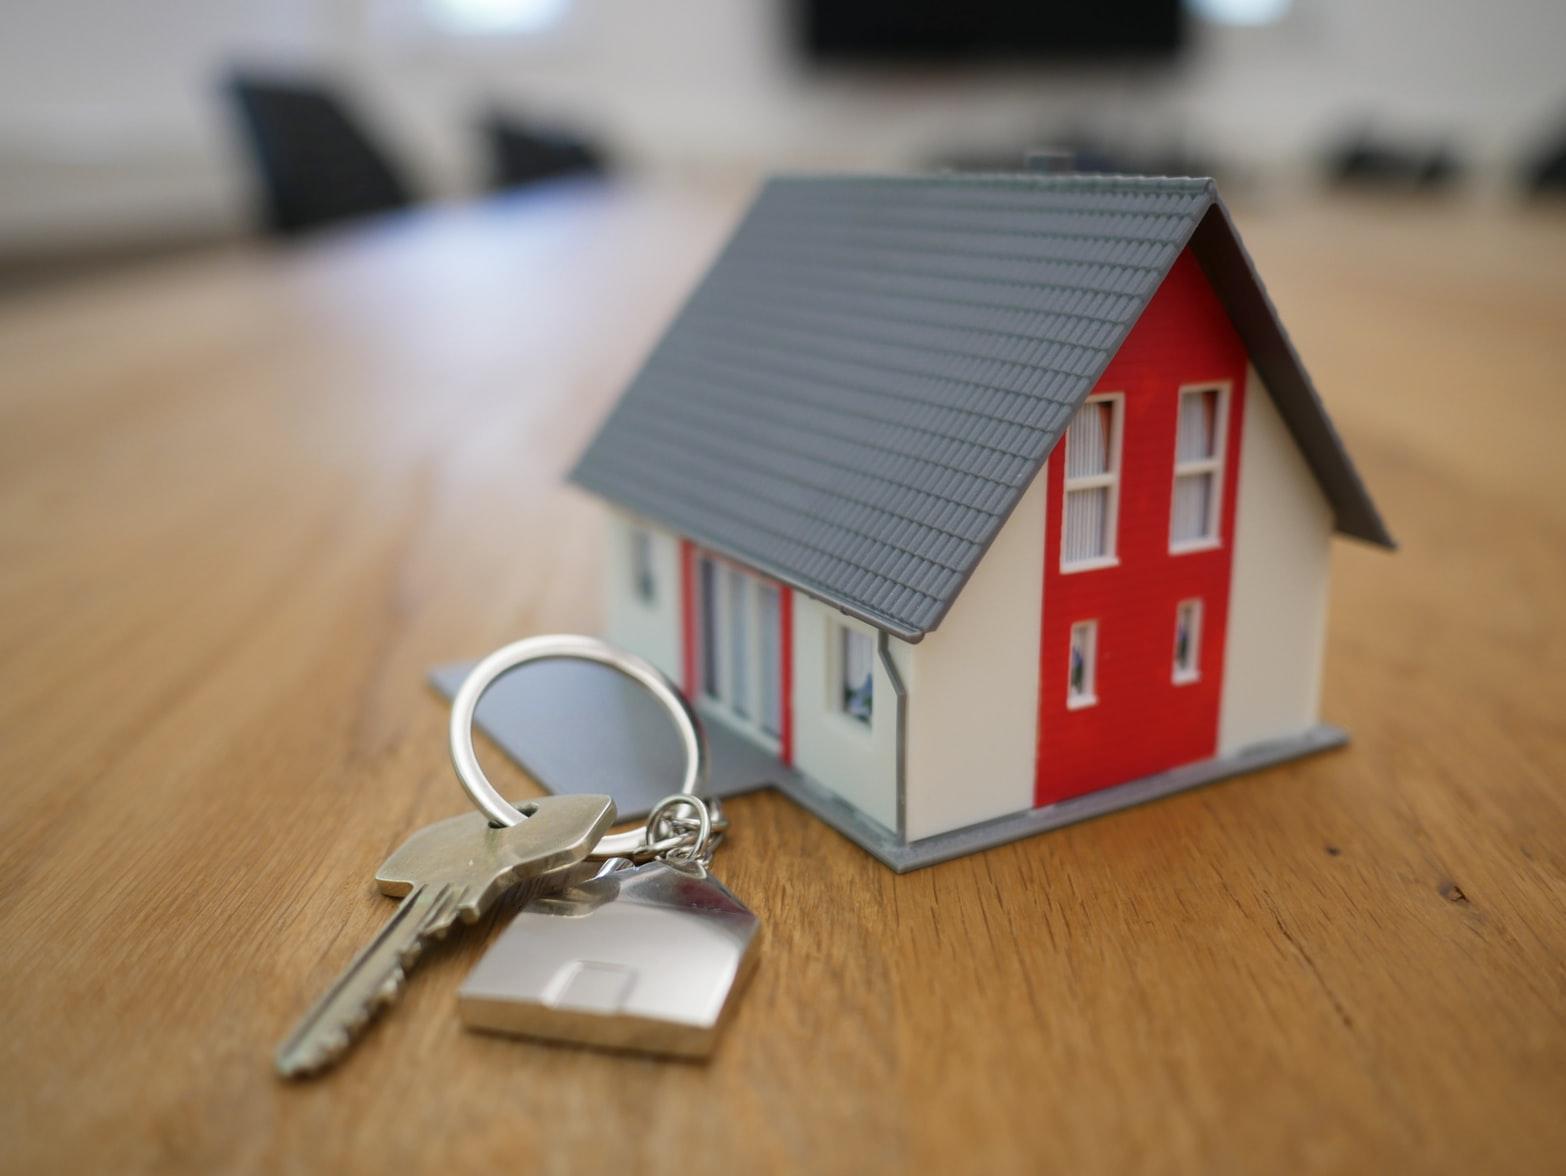 mrcato-immobiliare-italia-ITHIC-rimini